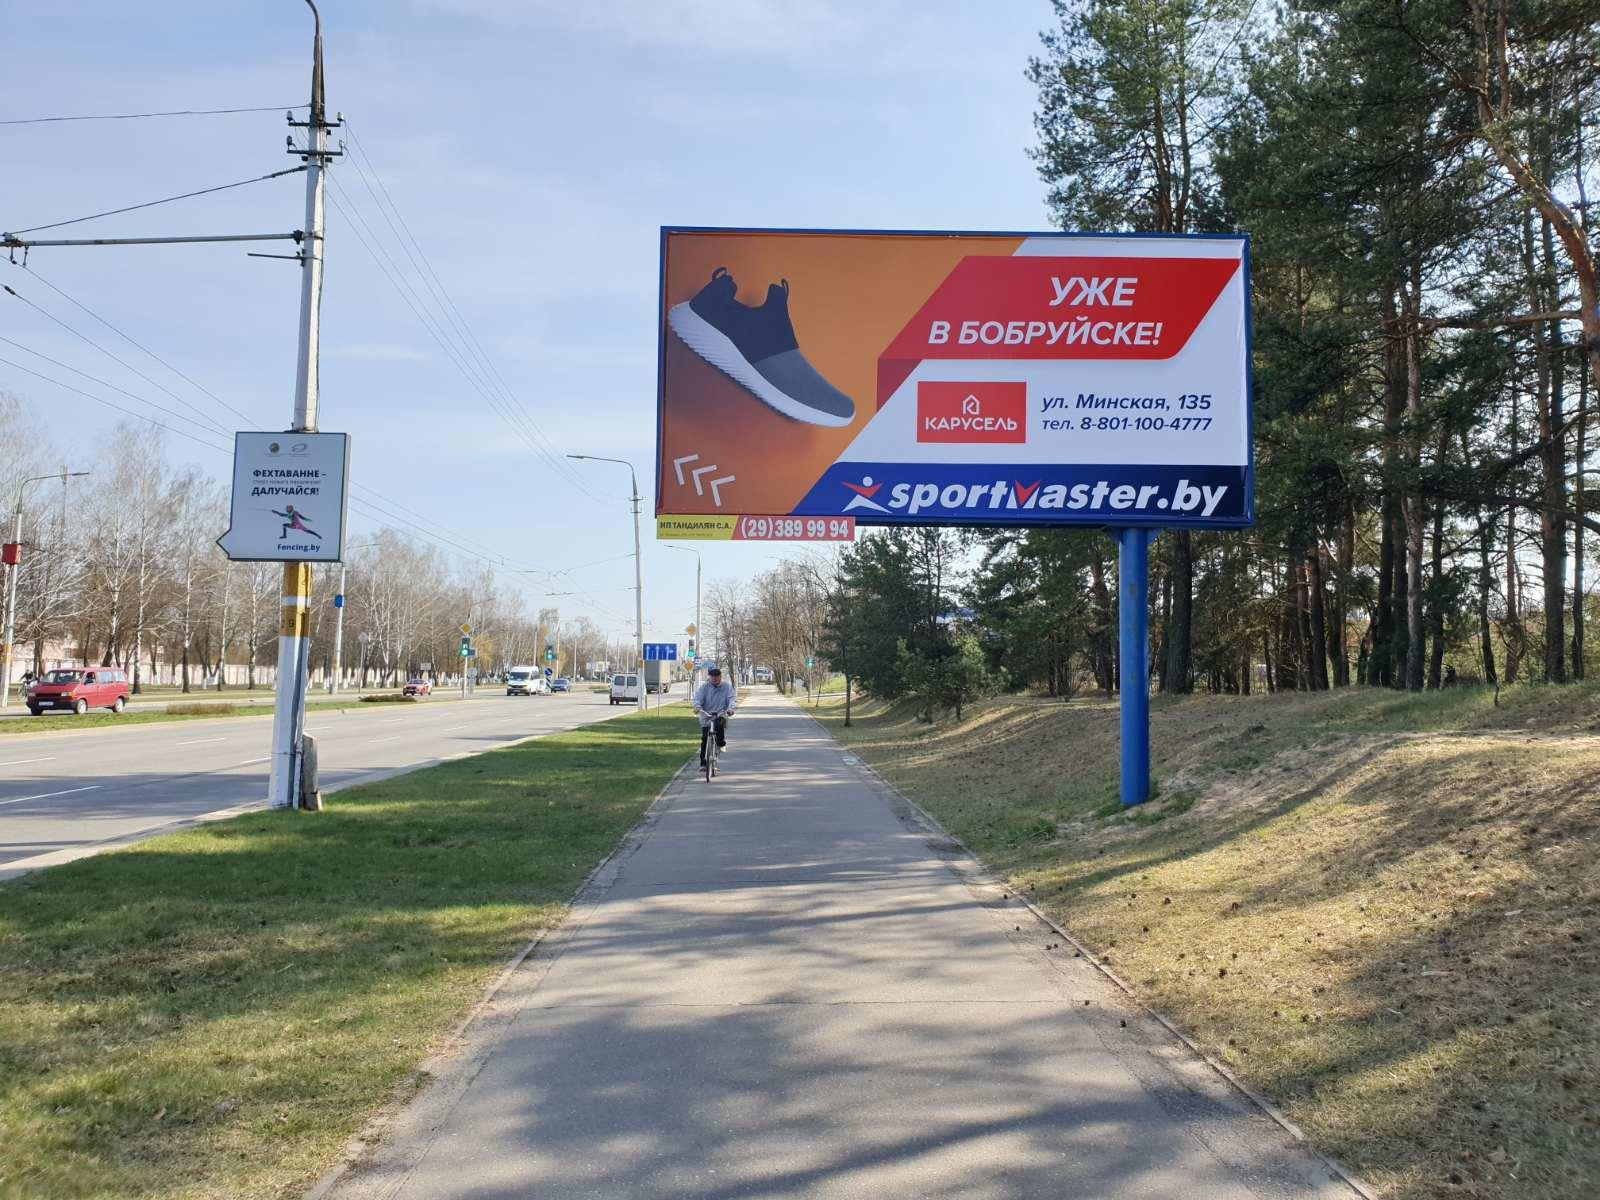 В Бобруйске в ТЦ «Карусель» открылся «Спортмастер»